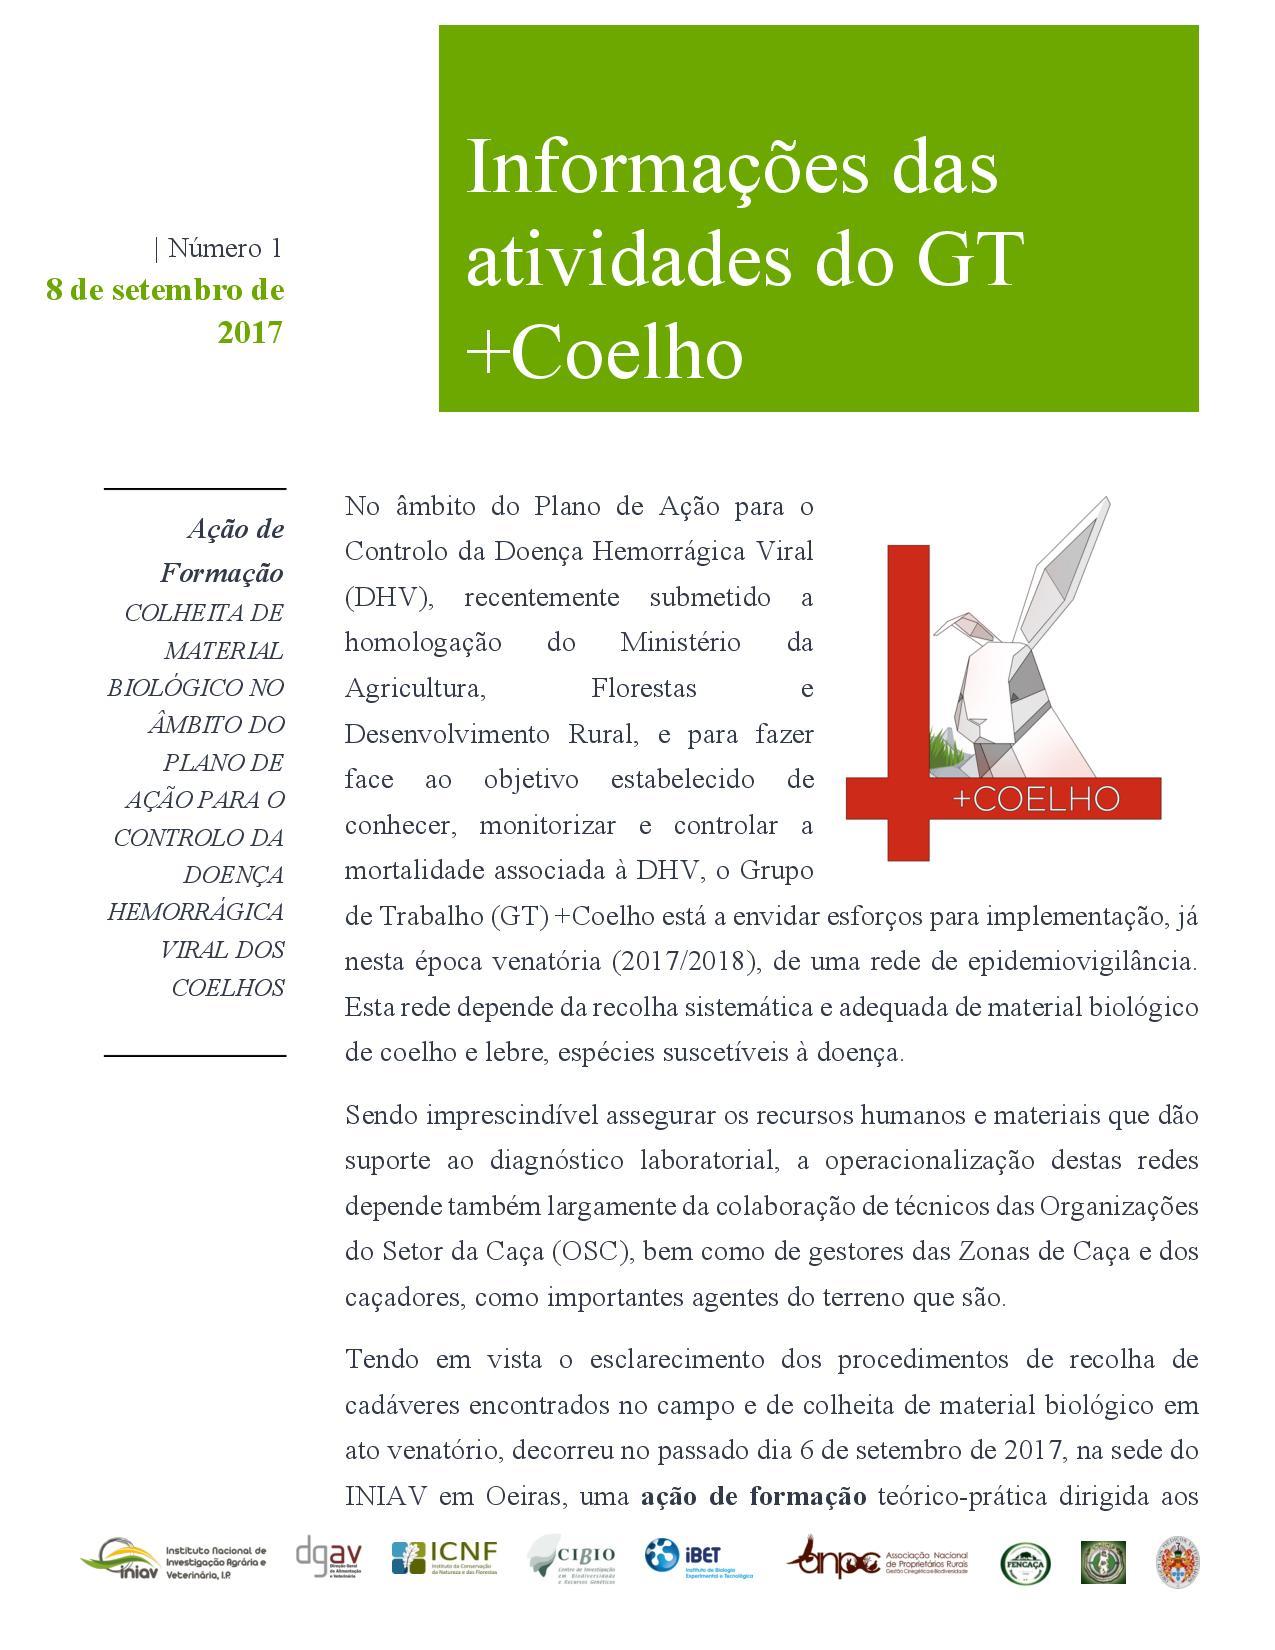 Informações das atividades do GT+Coelho